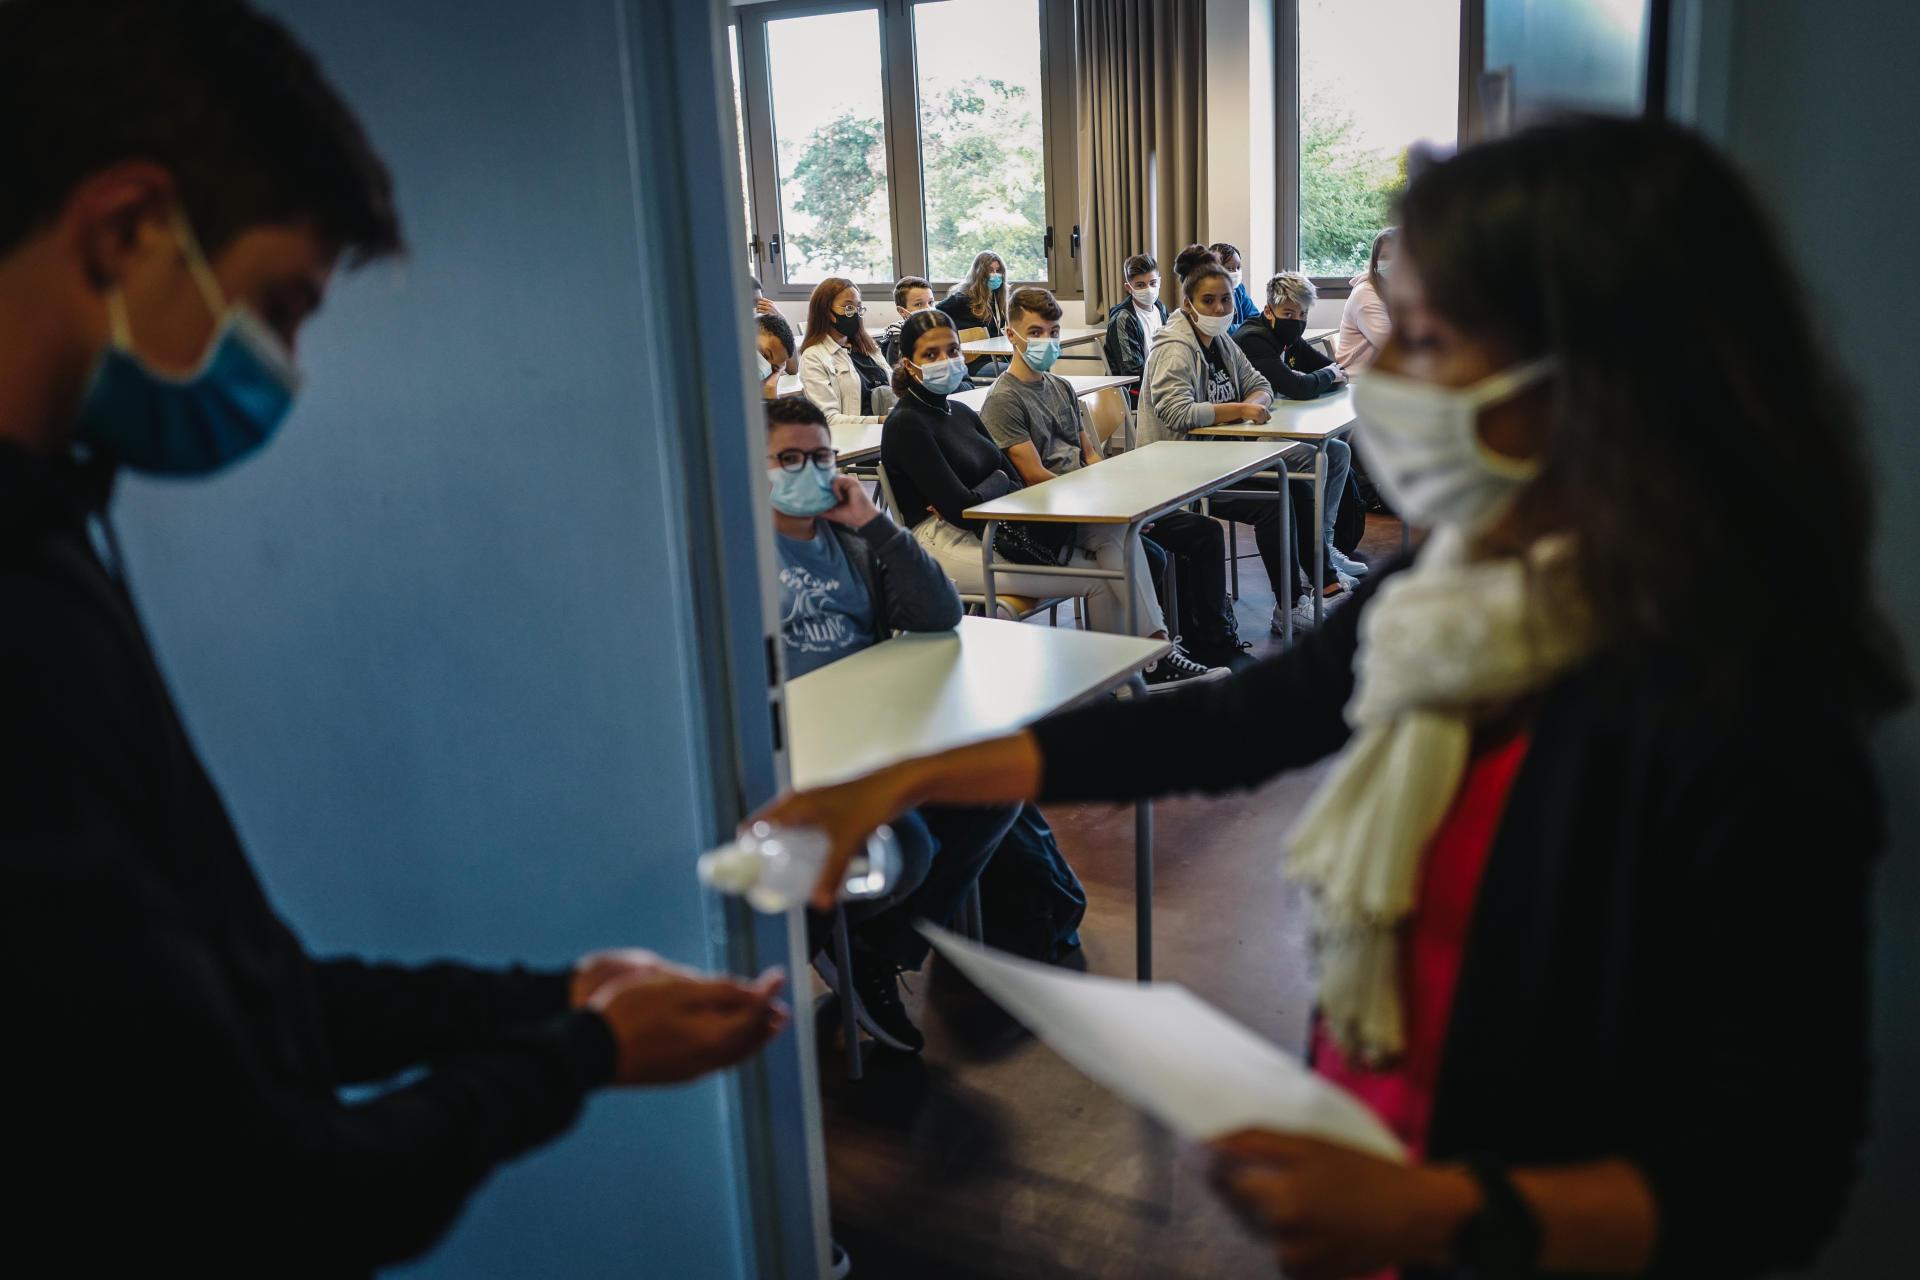 La rentrée d'une classe de secondeau lycée polyvalent Samuel-de-Champlain à Chennevières-sur-Marne (Val-de-Marne), le 1er septembre.